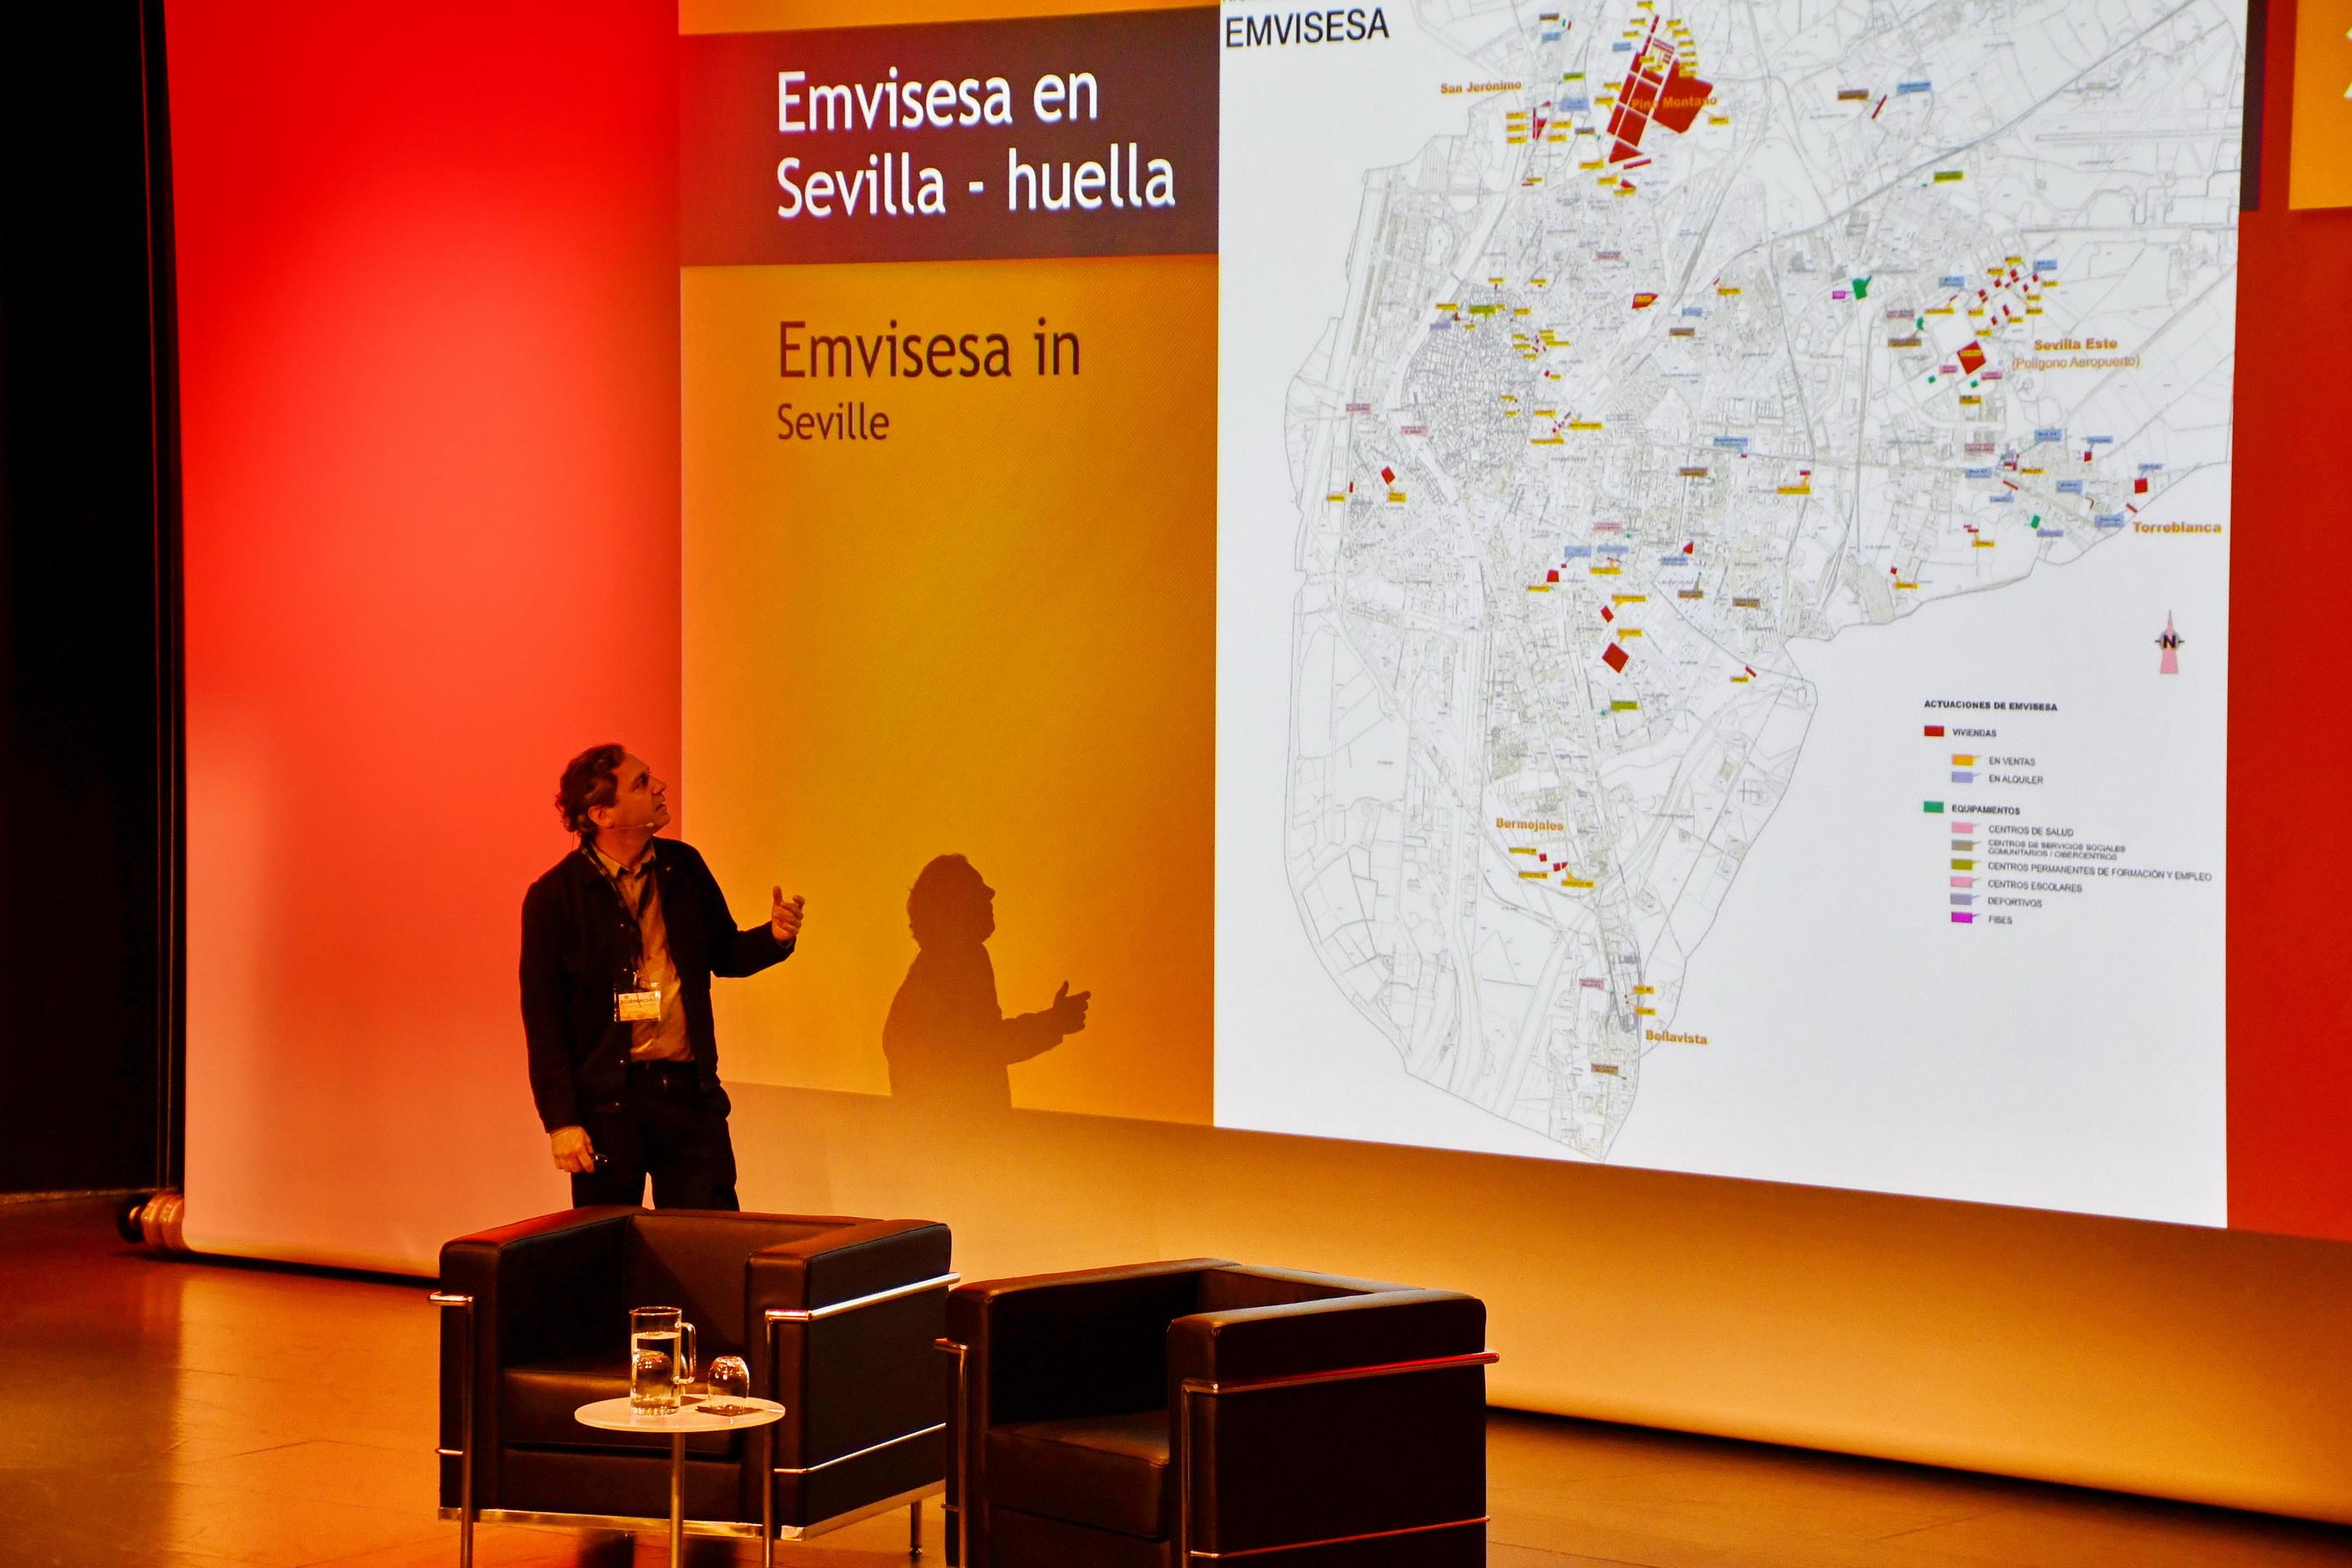 Emvisesa pone a disposición de los interesados las grabaciones y presentaciones de las 14 mesas redondas celebradas en las III Jornadas de Vivienda Social de Sevilla